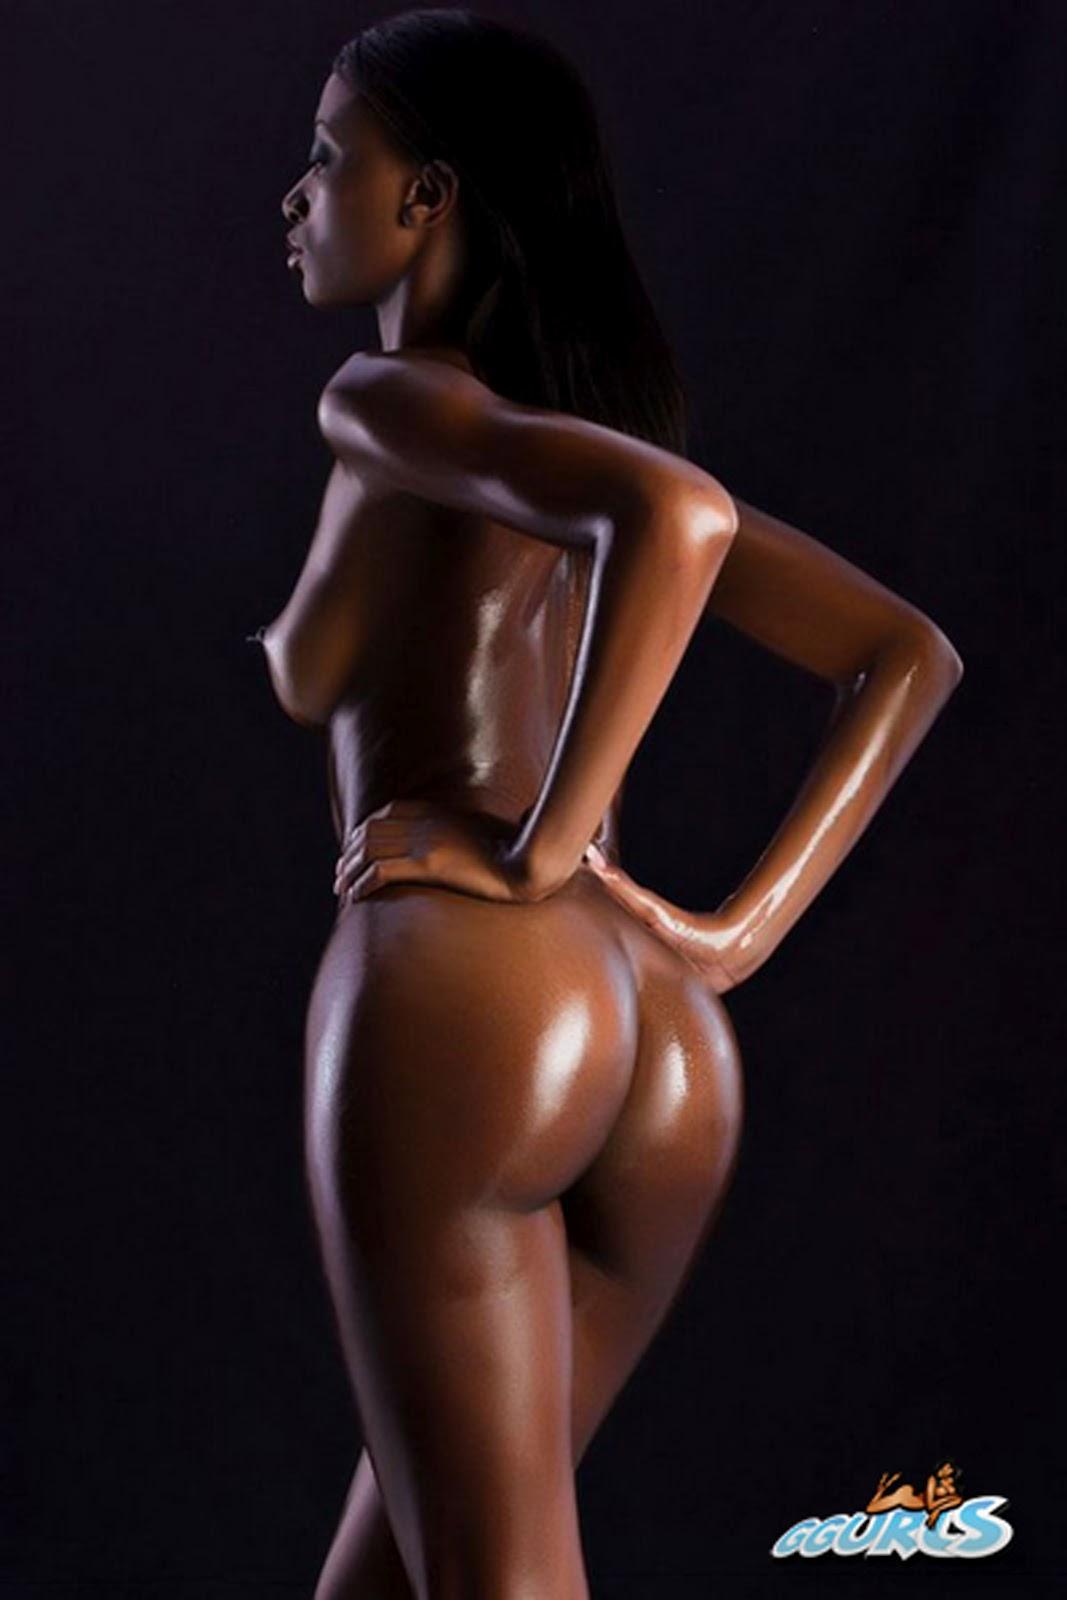 Фото чёрнокожая попа 23 фотография